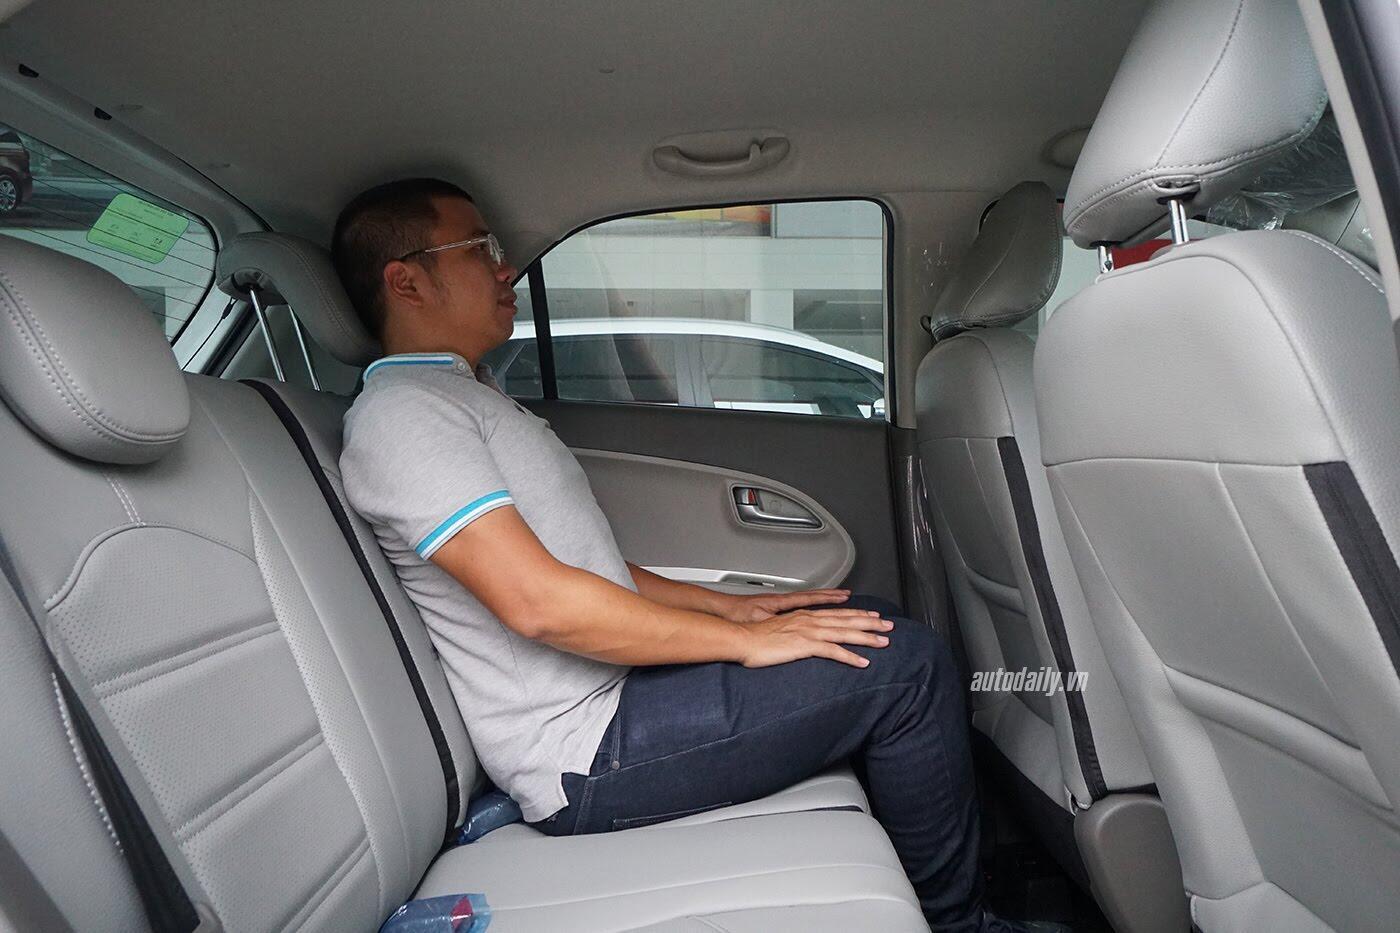 Có 400 triệu đồng, mua Hyundai Grand i10 hay Kia Morning? - Hình 13